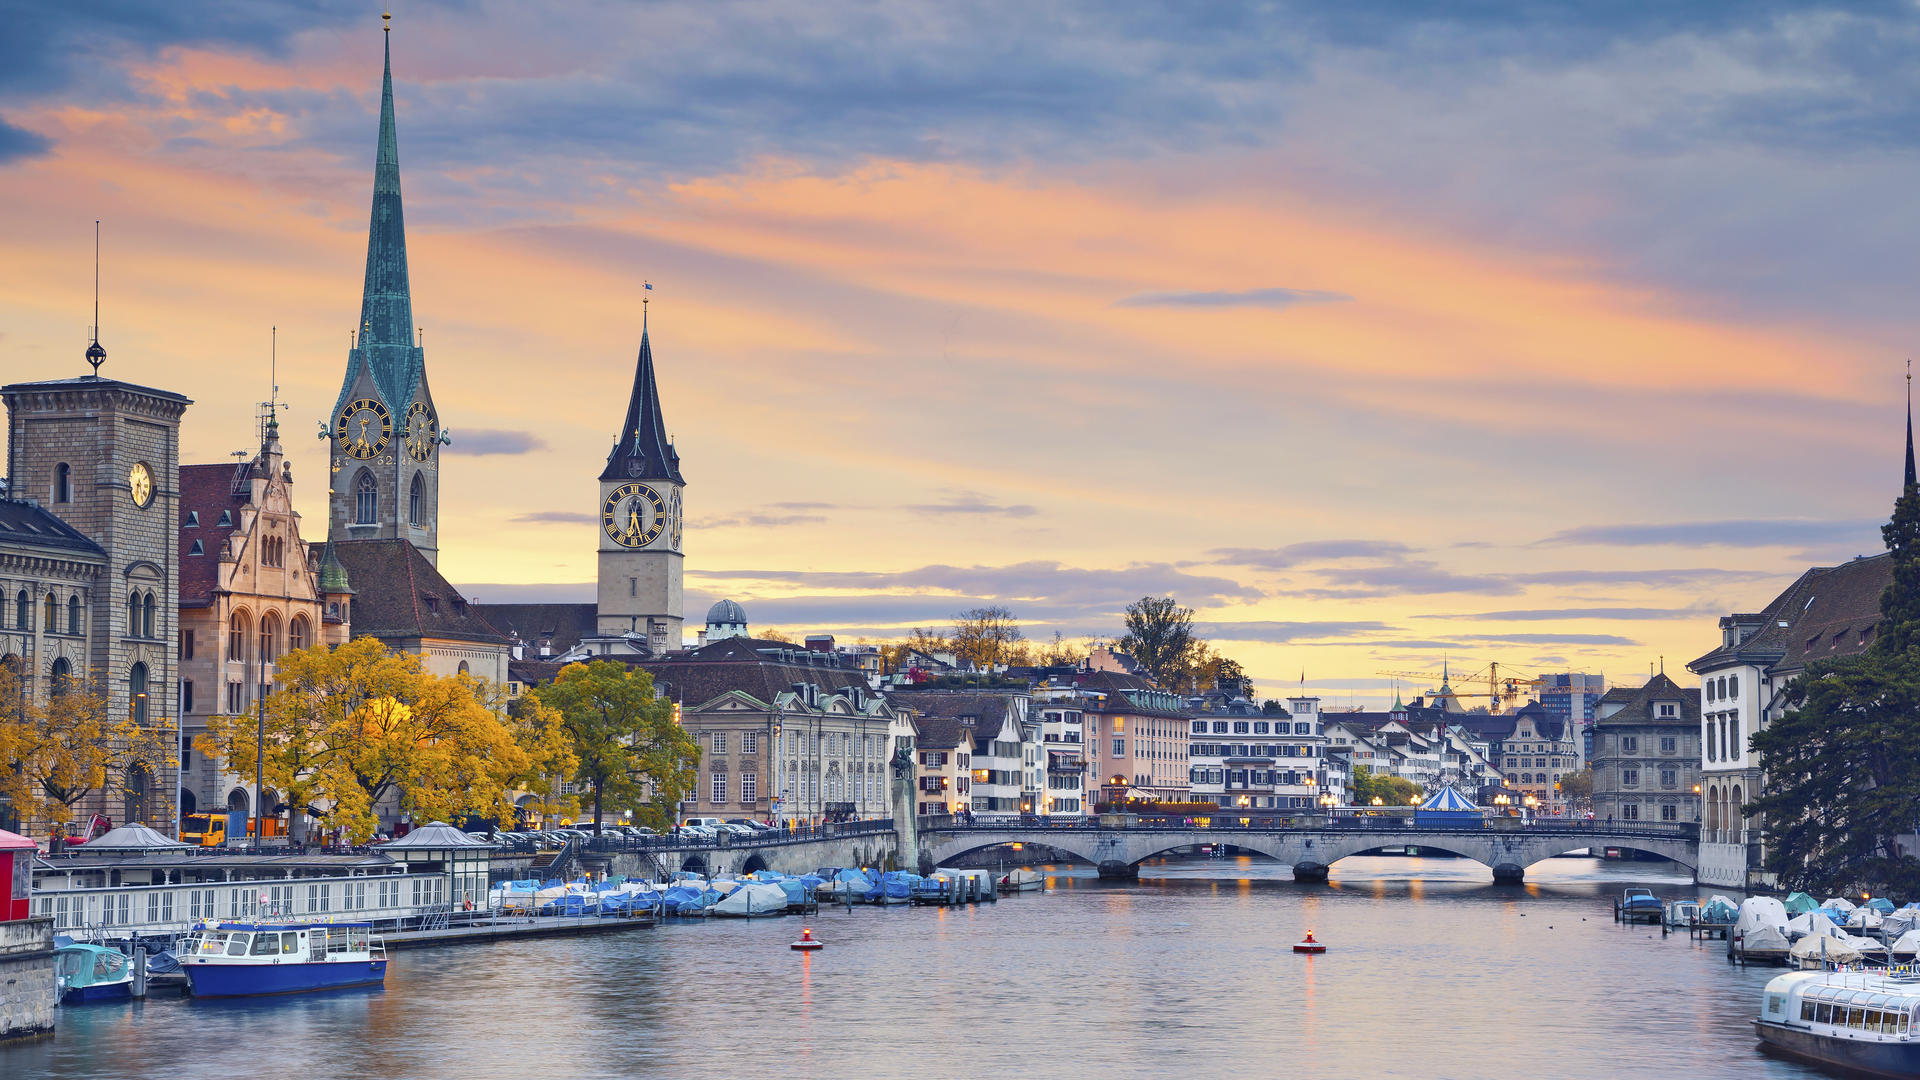 Достопримечательности Вены с фото и описанием самых-самых